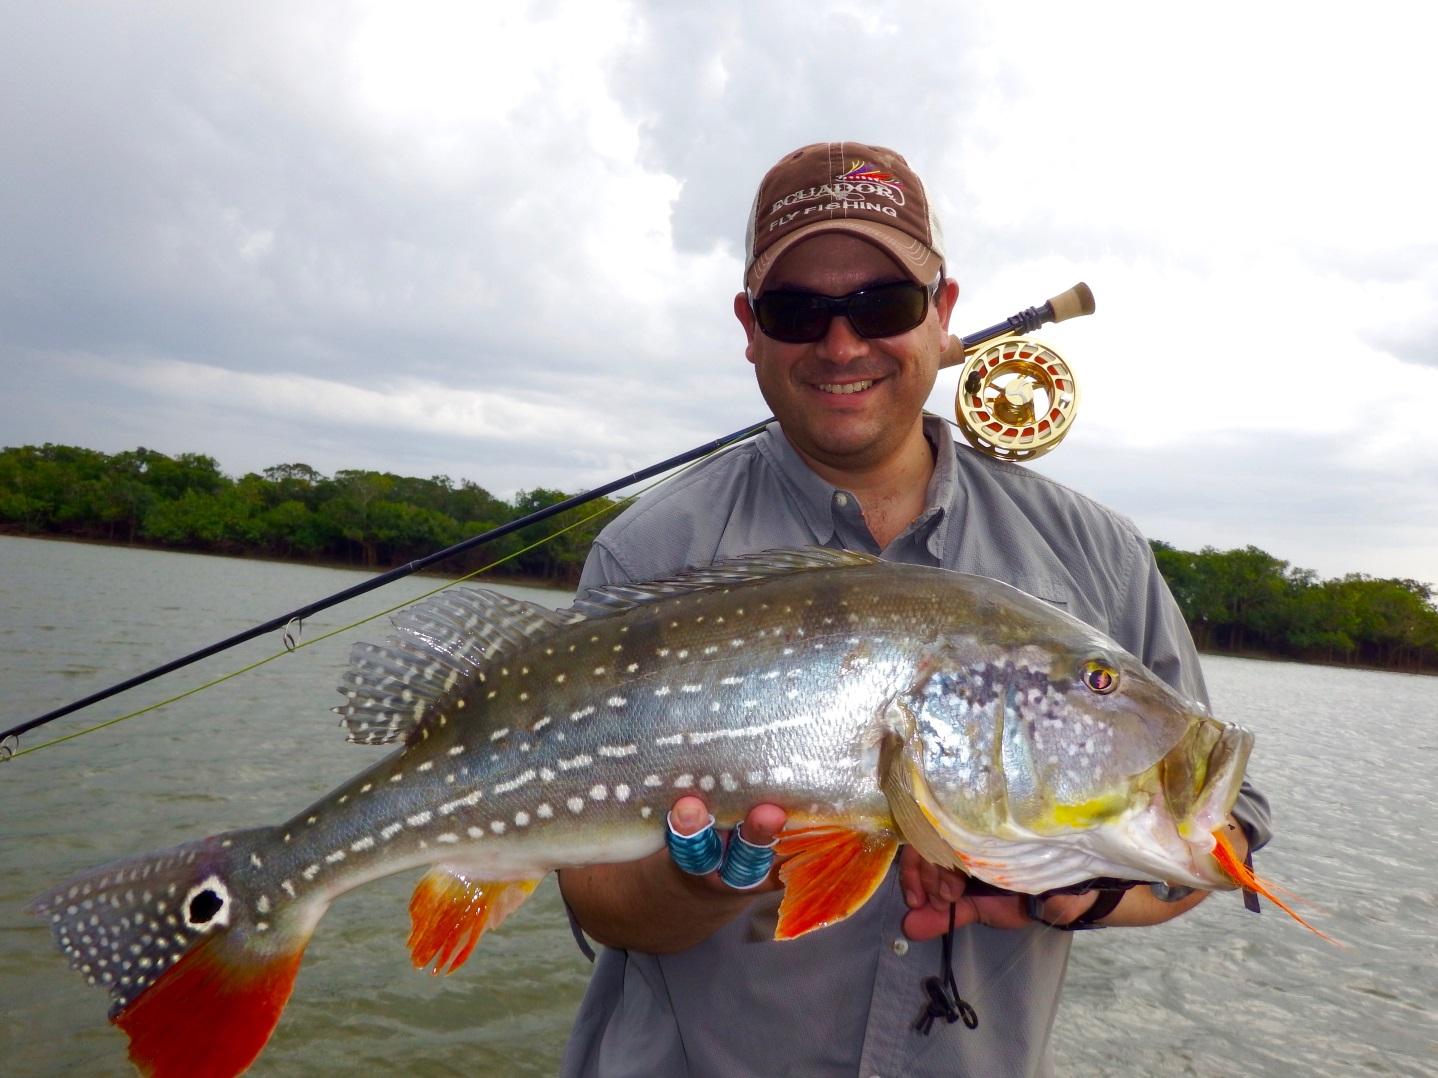 Javier Guevara mit einem gigantischen Tucunare Lapa (Cichla Temensis), einer weiteren Art Peacock Bass